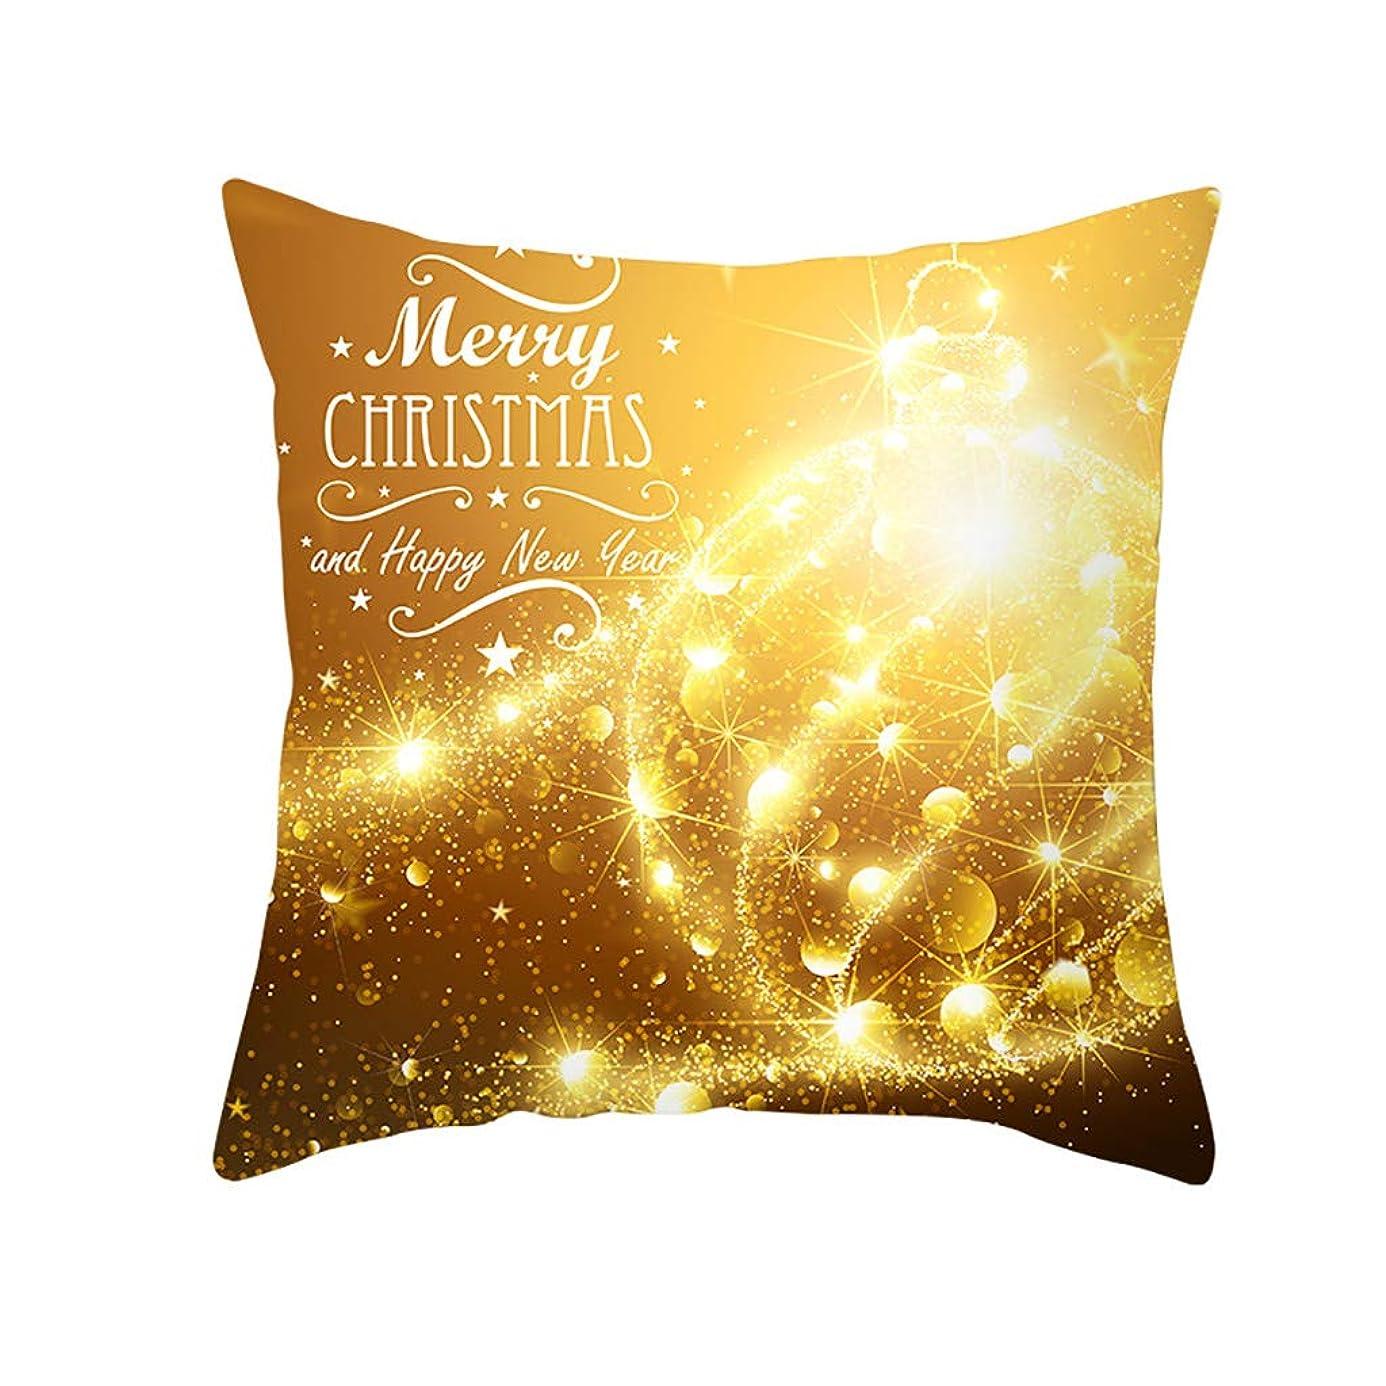 上げる信じるエンティティゴールデンメリークリスマスベッドソファ枕カバーキラキラポリエステル18